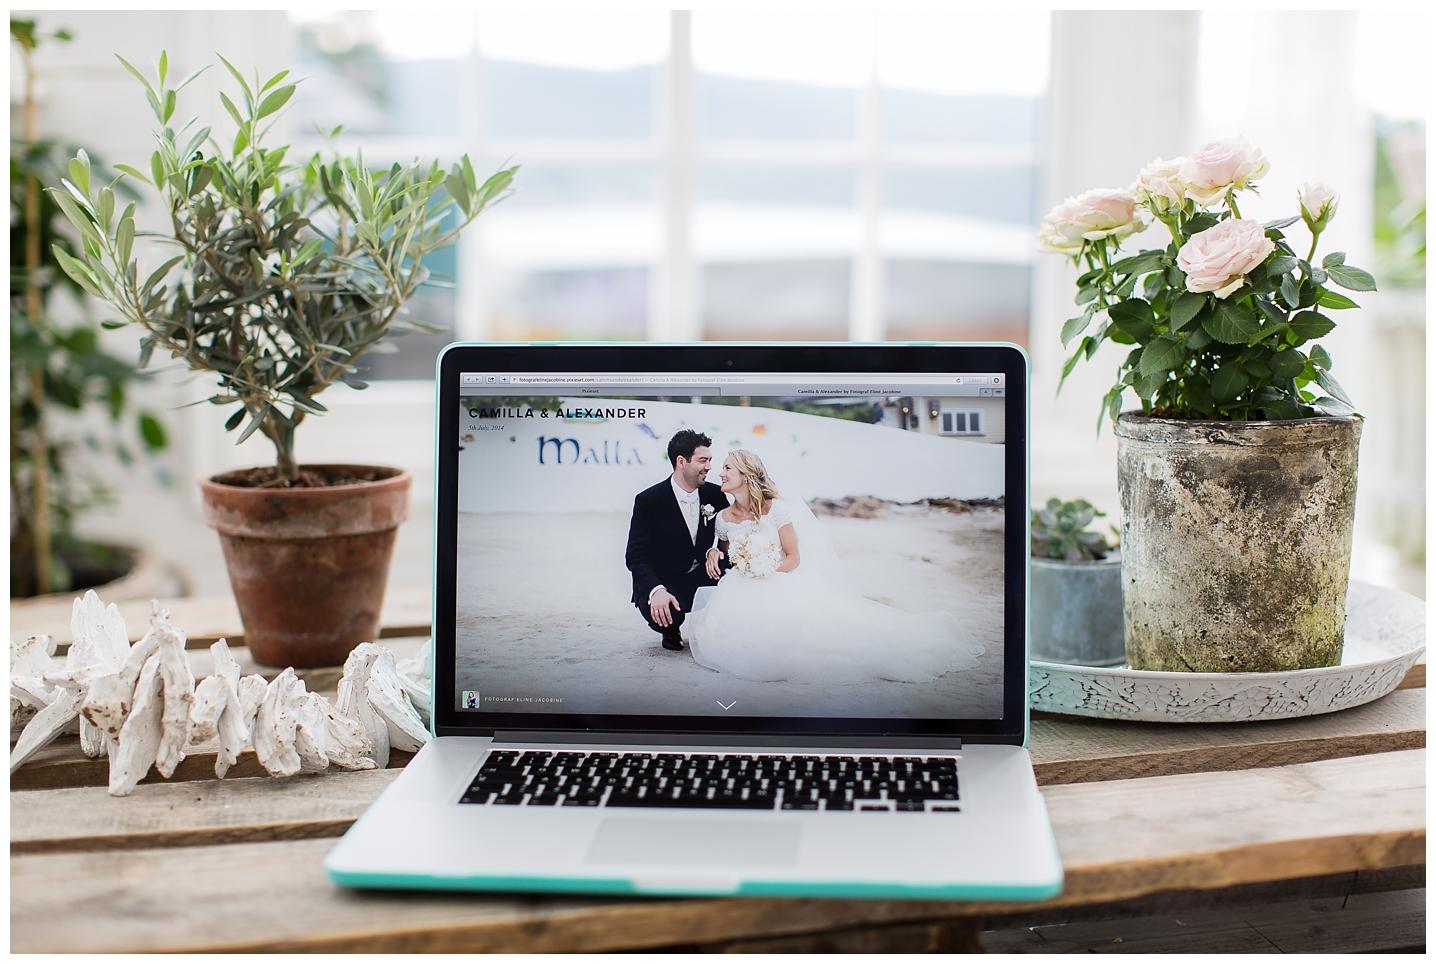 bildelevering av bryllupsbilder